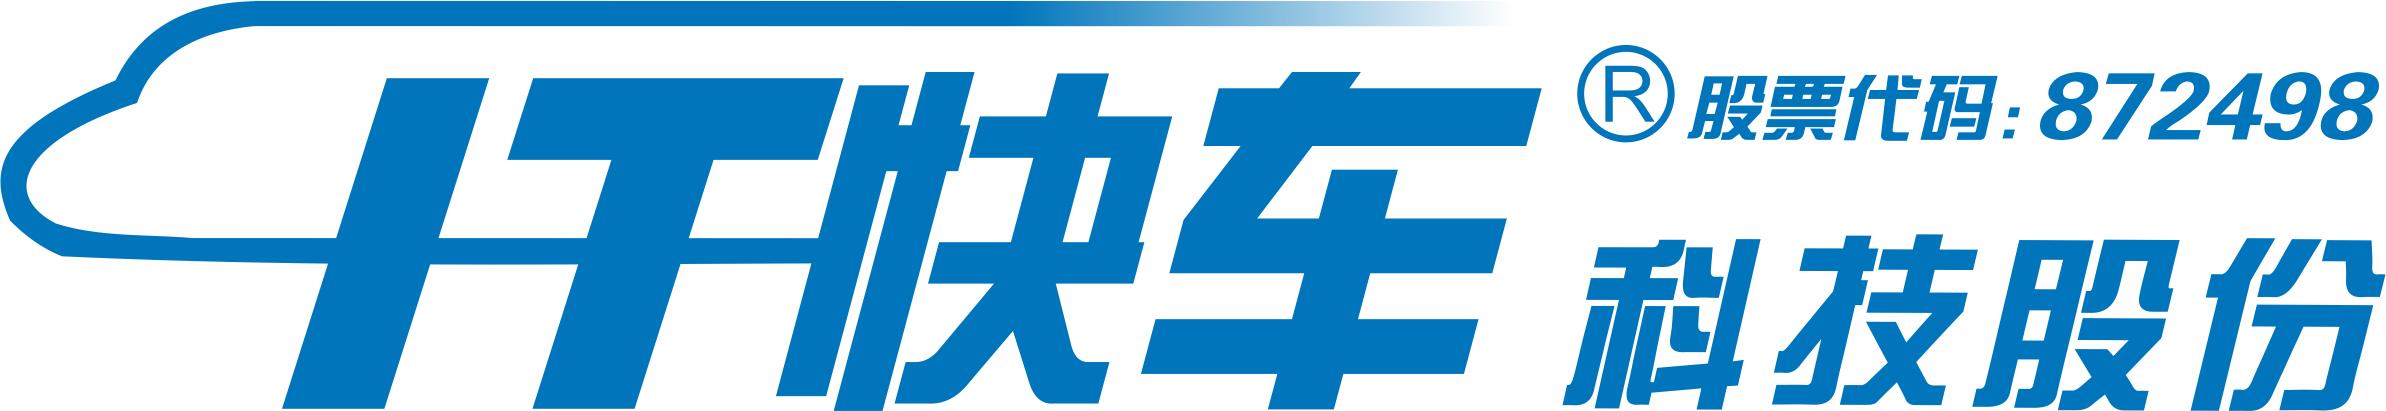 廣東快車科技股份有限公司